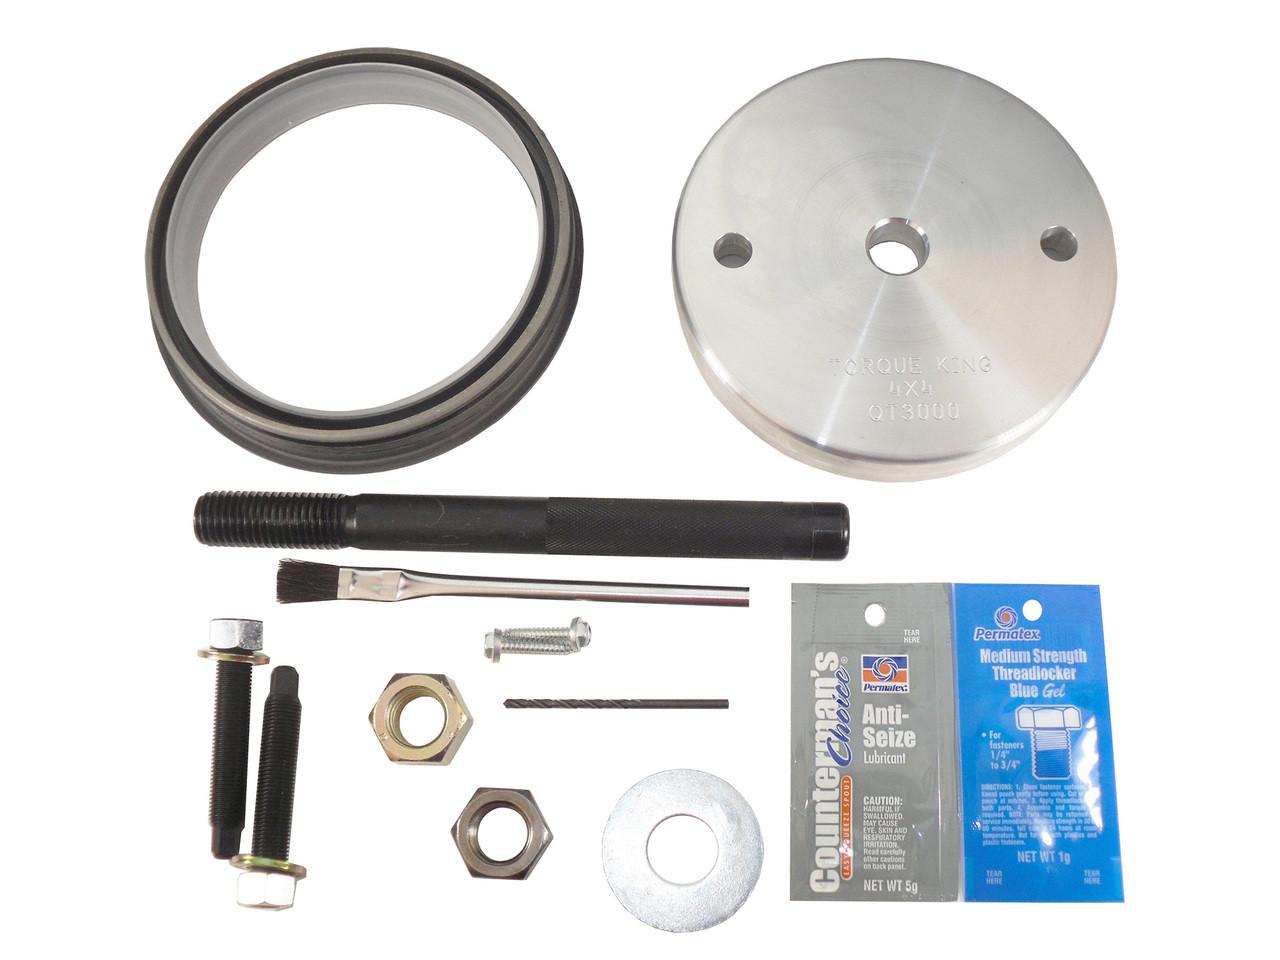 QK6000 Cummins Rear Crankshaft Seal and Tool Kit for 5.9L & 6.7L Ram